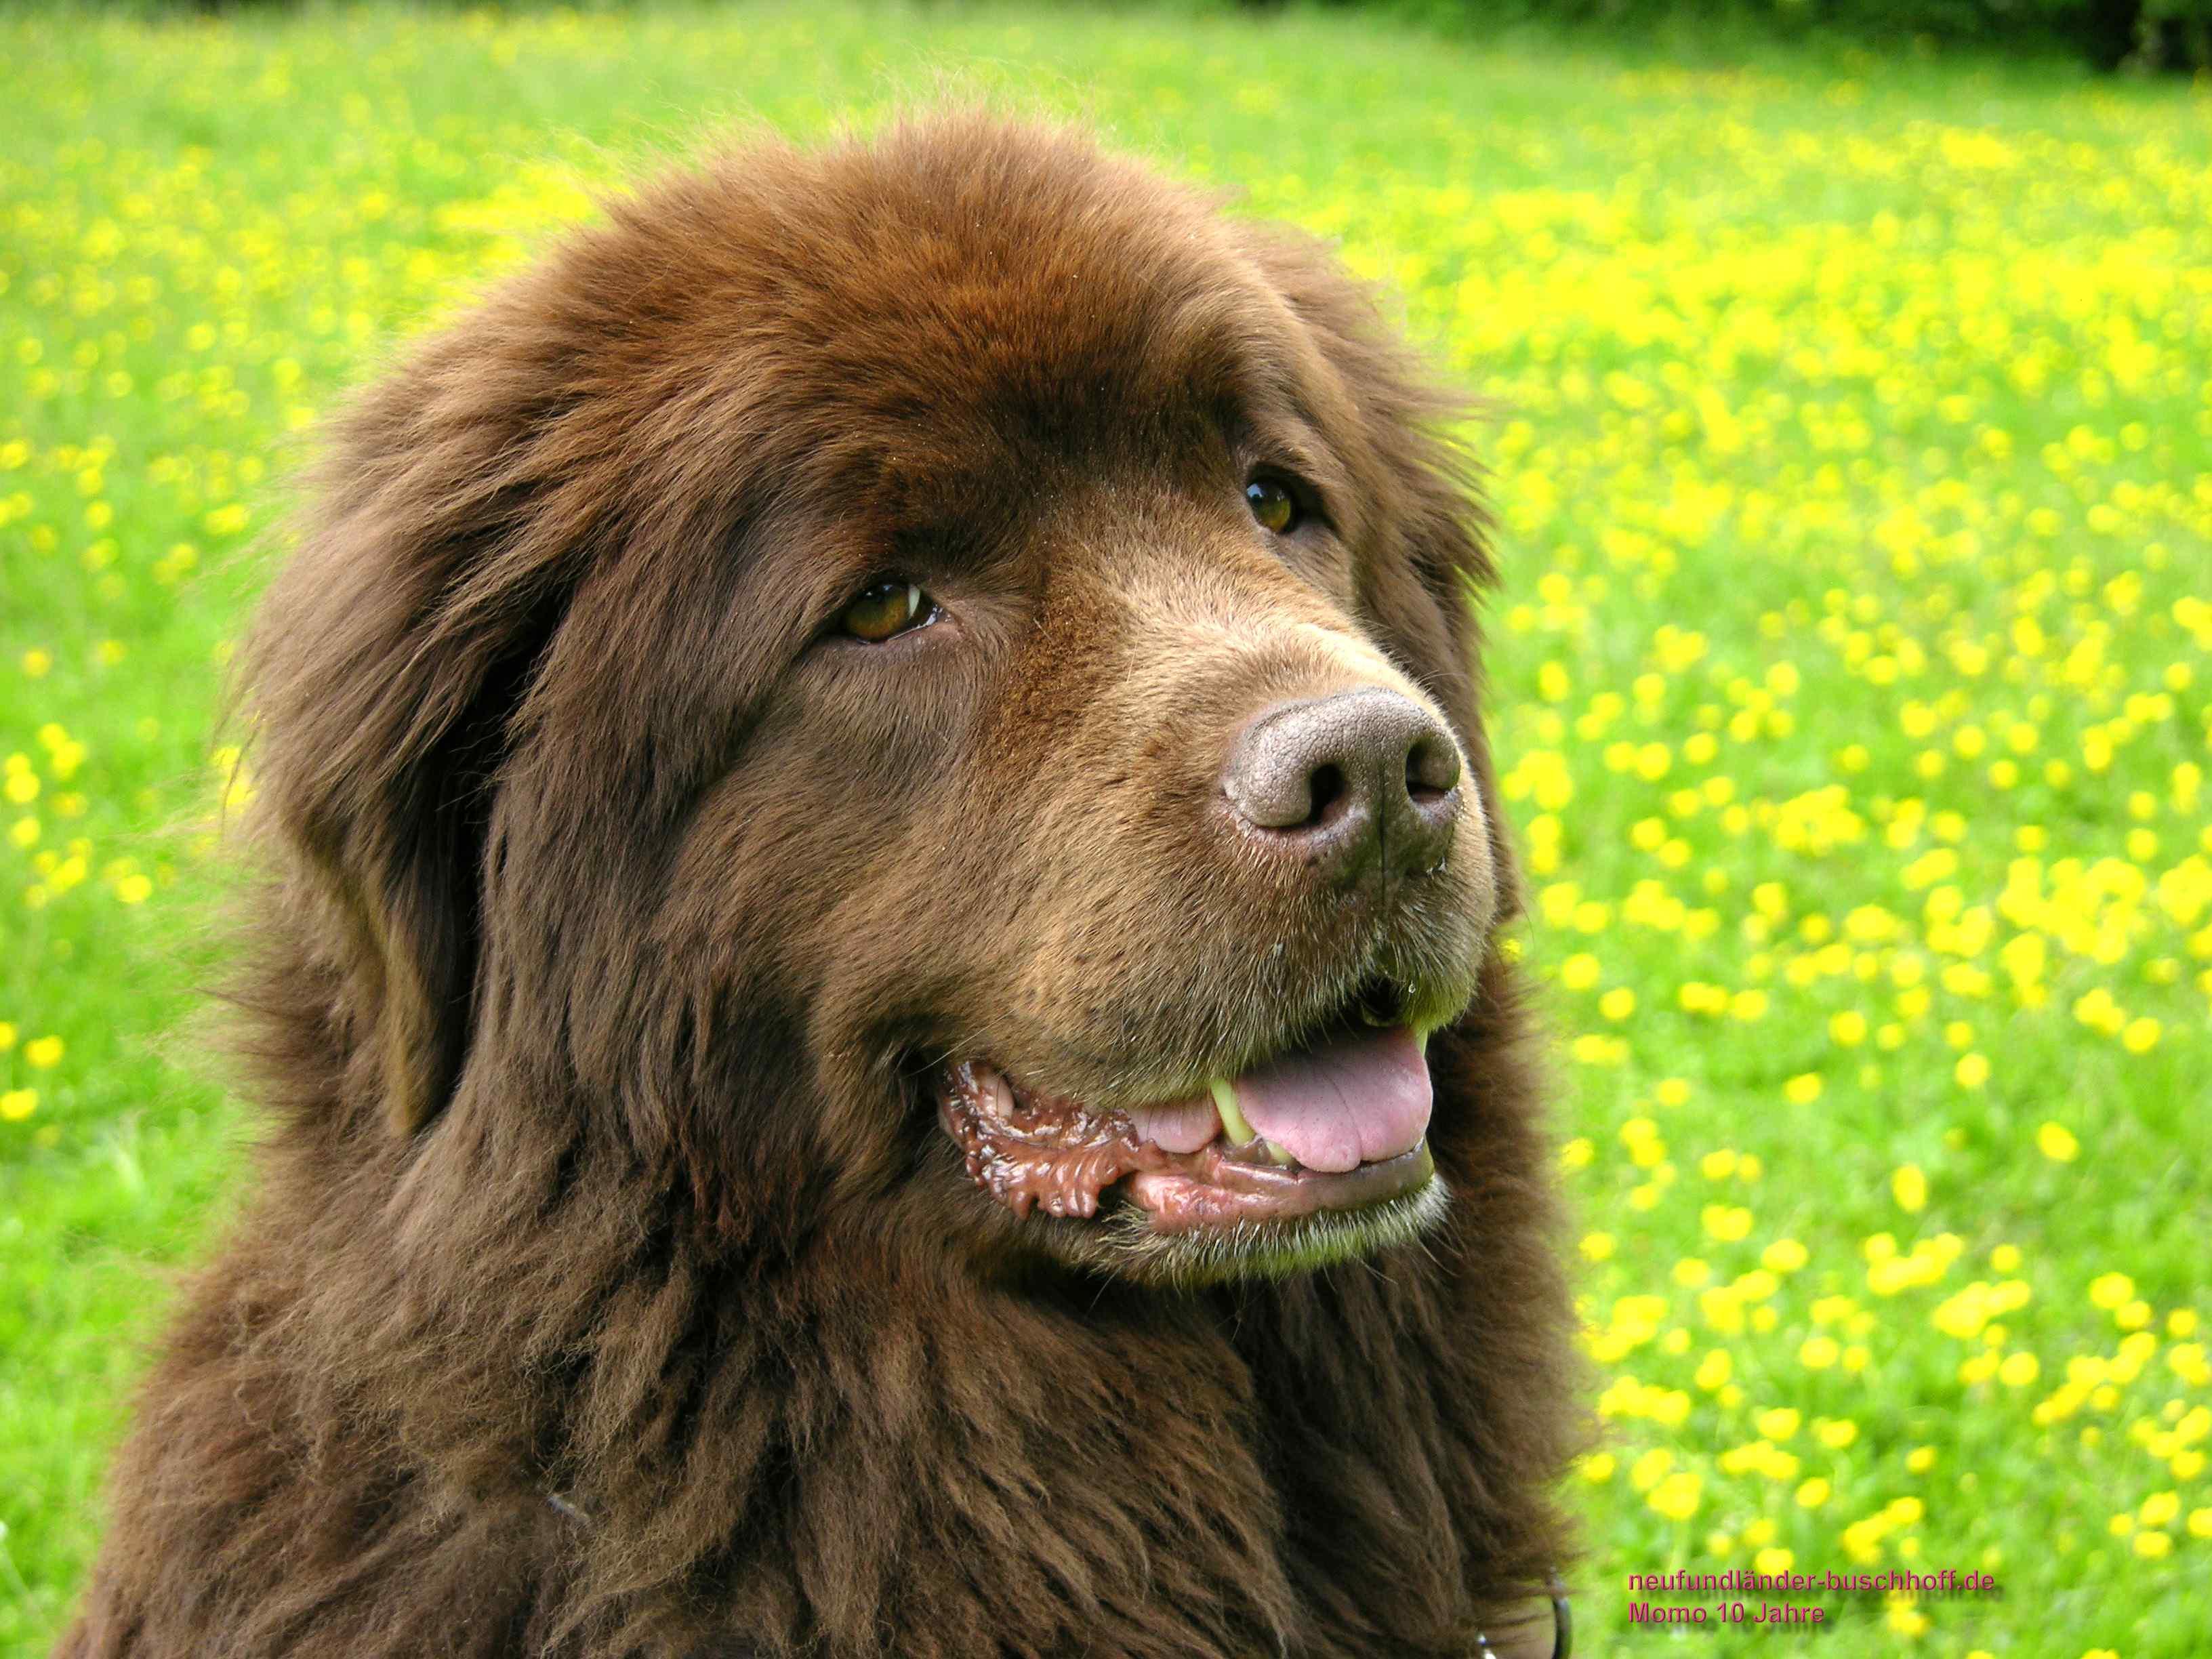 Neufundländer Hund